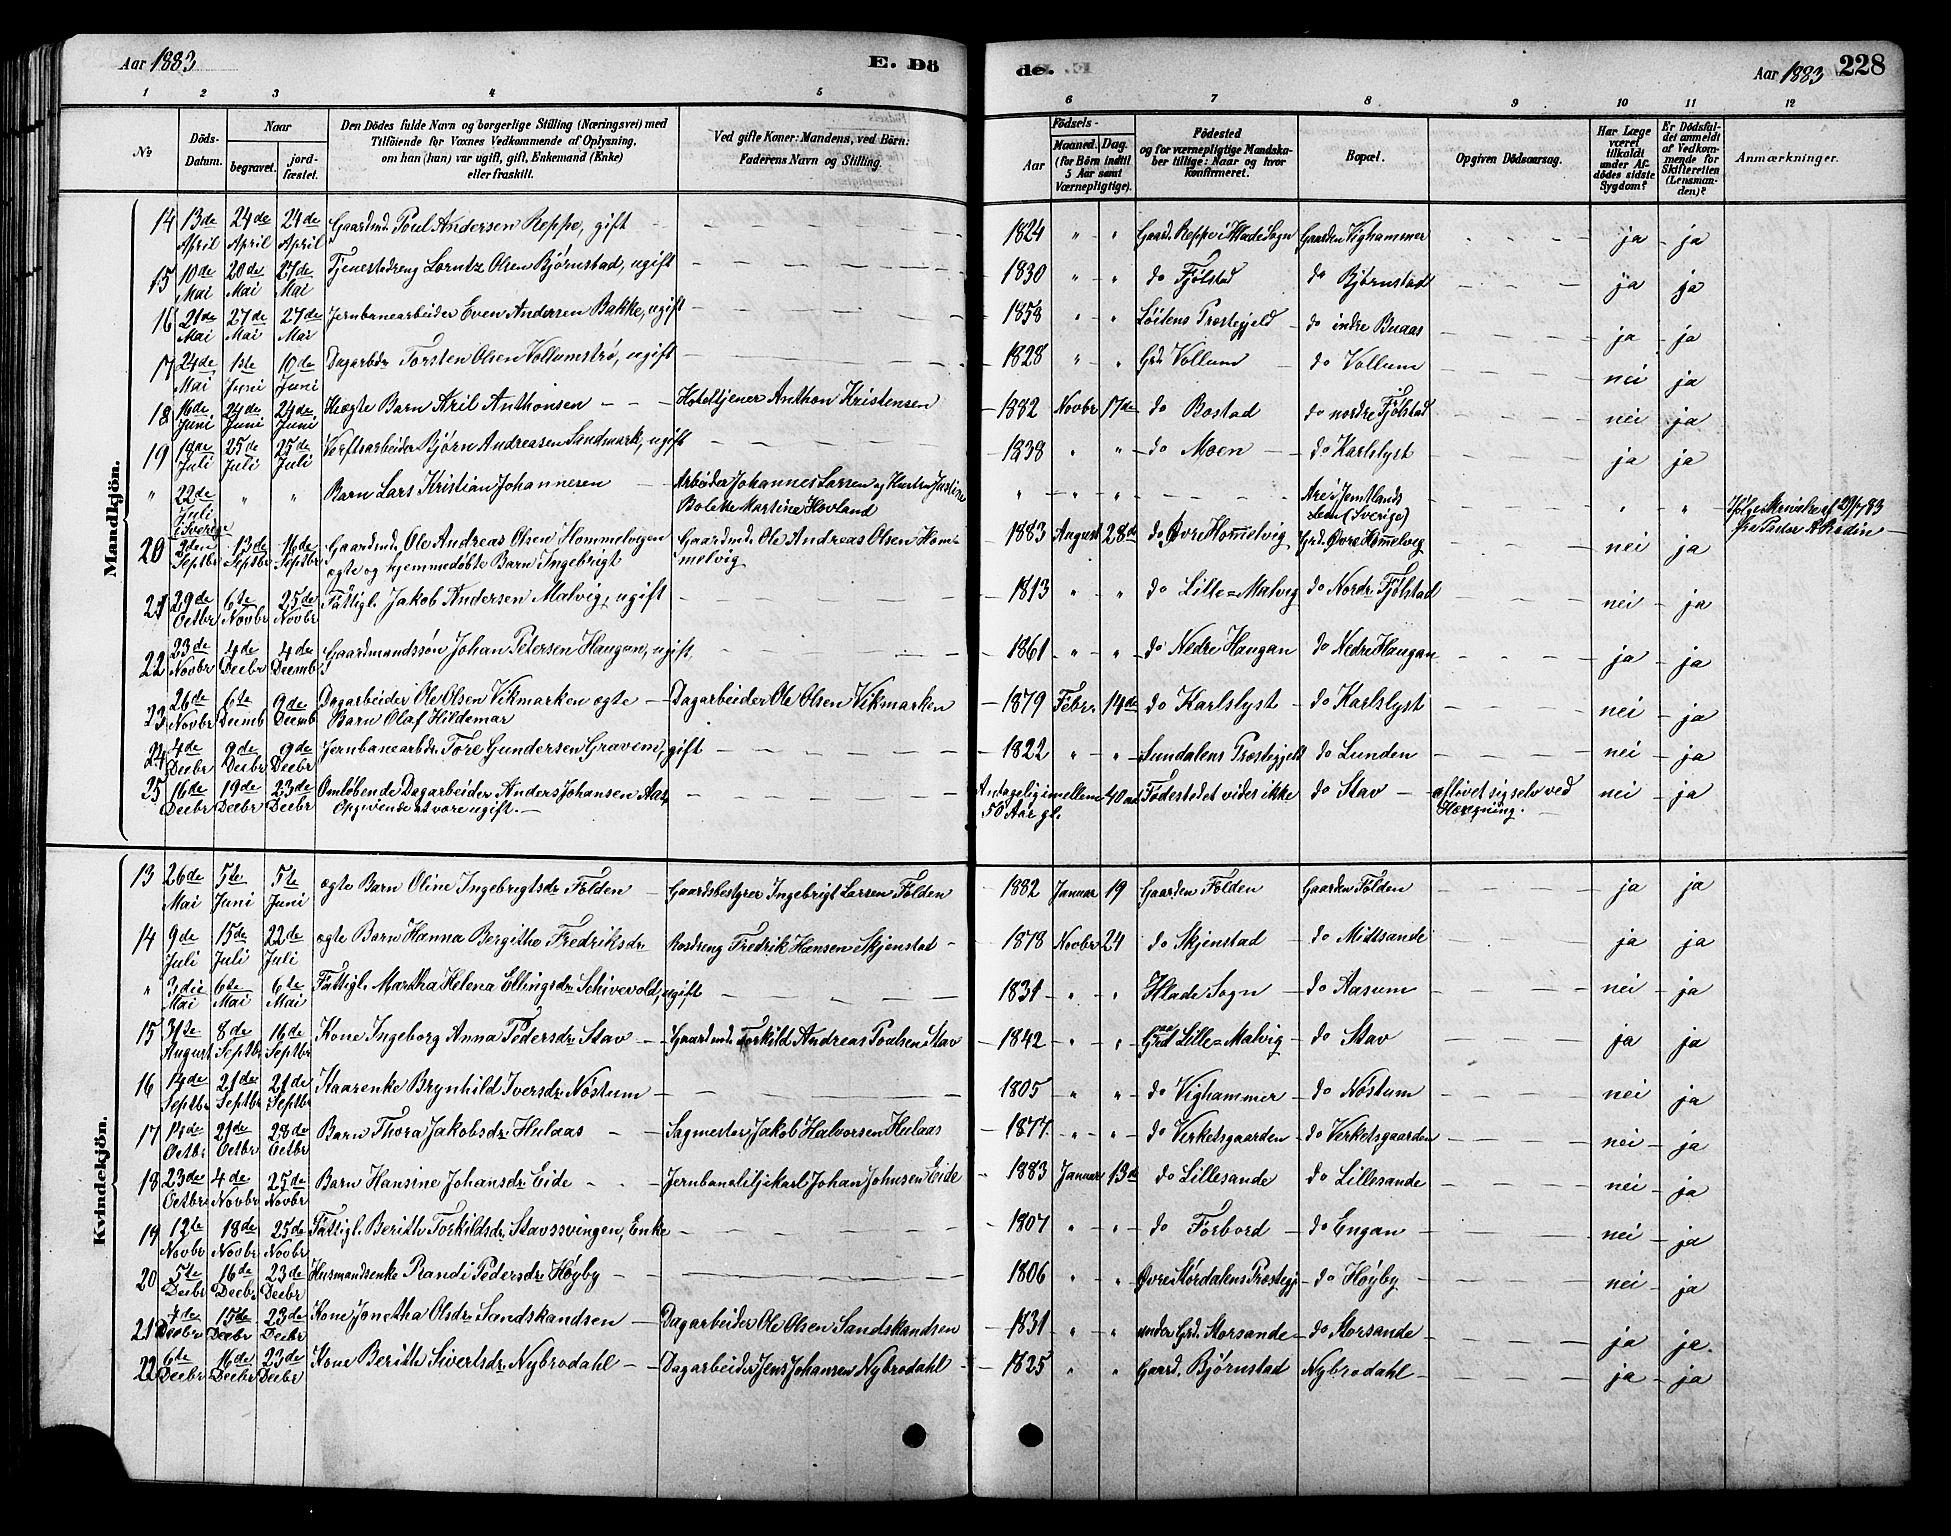 SAT, Ministerialprotokoller, klokkerbøker og fødselsregistre - Sør-Trøndelag, 616/L0423: Klokkerbok nr. 616C06, 1878-1903, s. 228